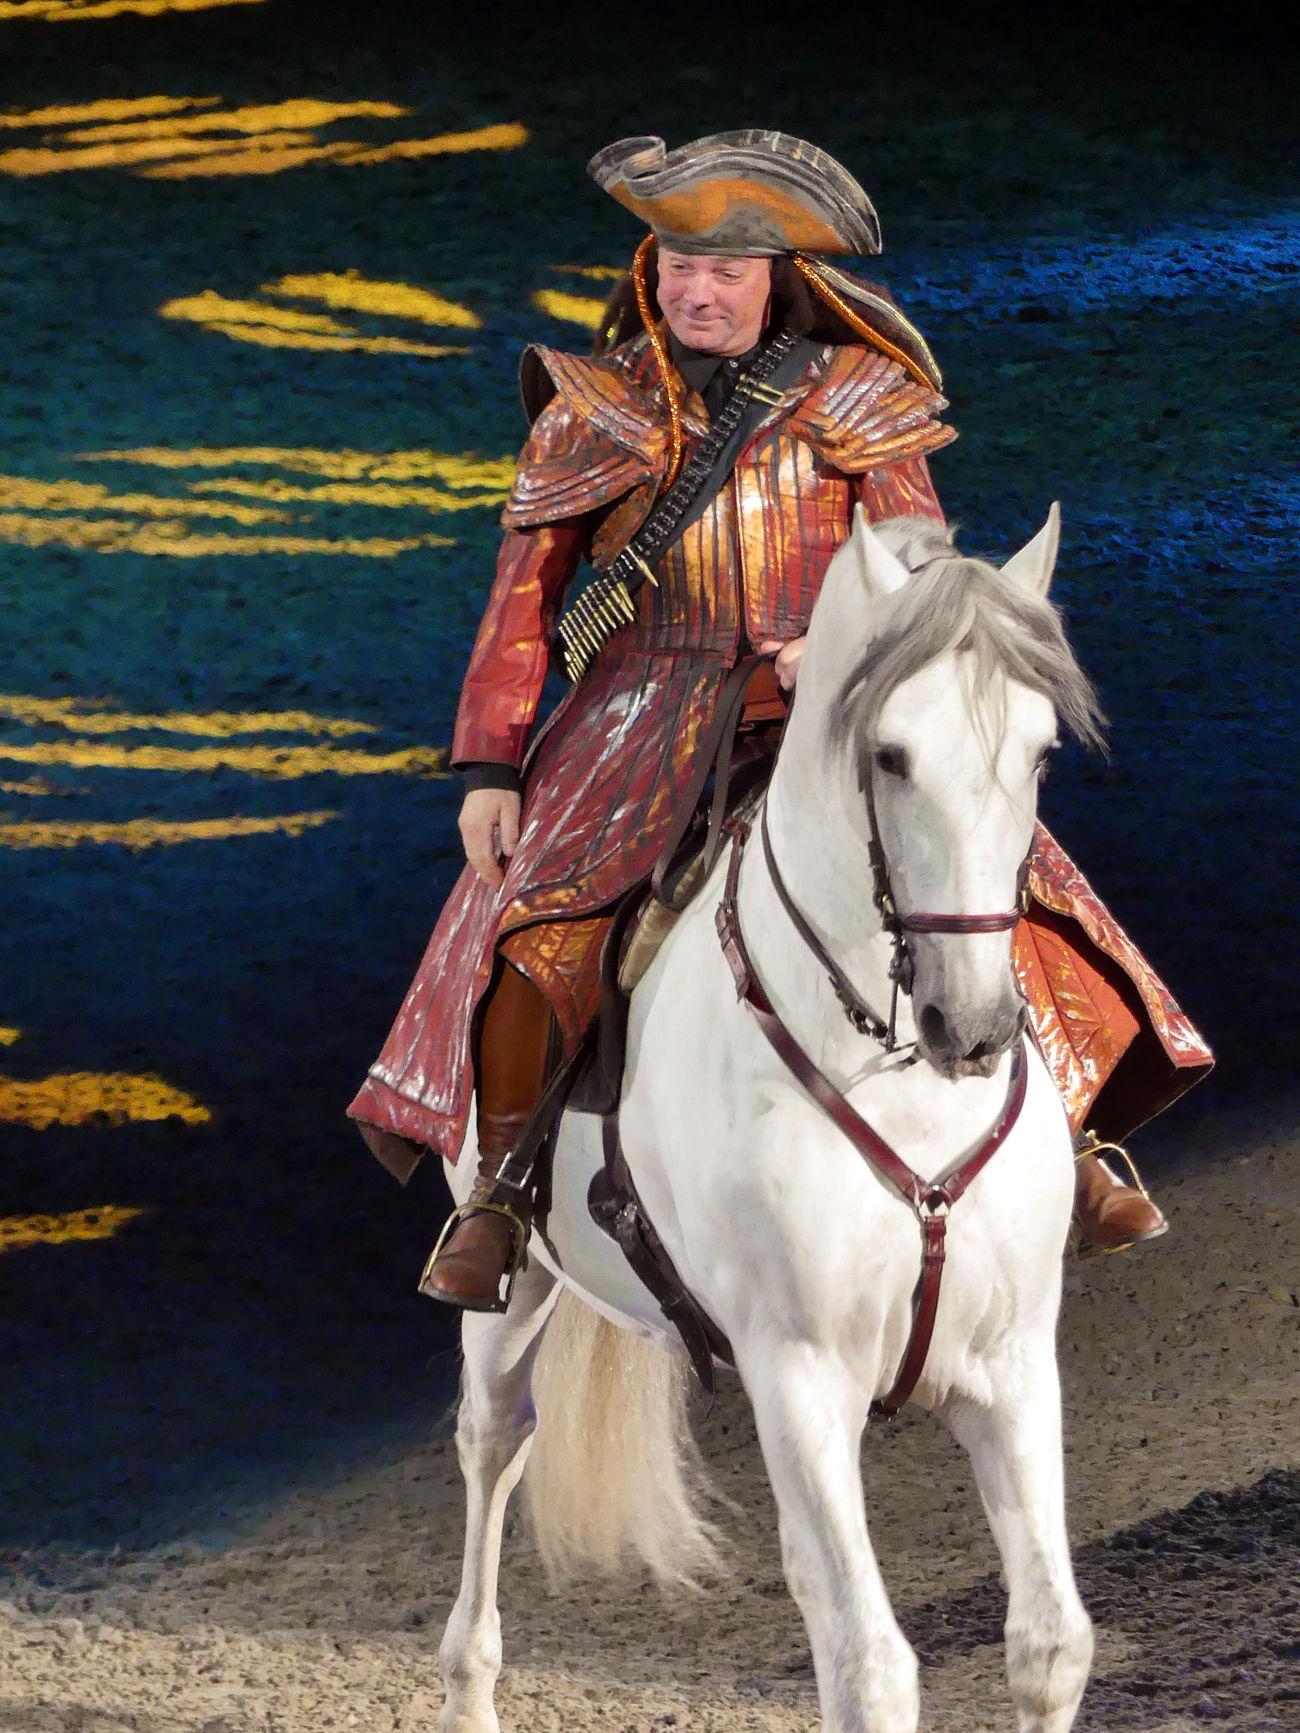 Adult Apassionata Horse Horse Show Horseback Riding Man On Horseback Pirate Pirate On Horse Riding Traditional Clothing White Horse Working Animal